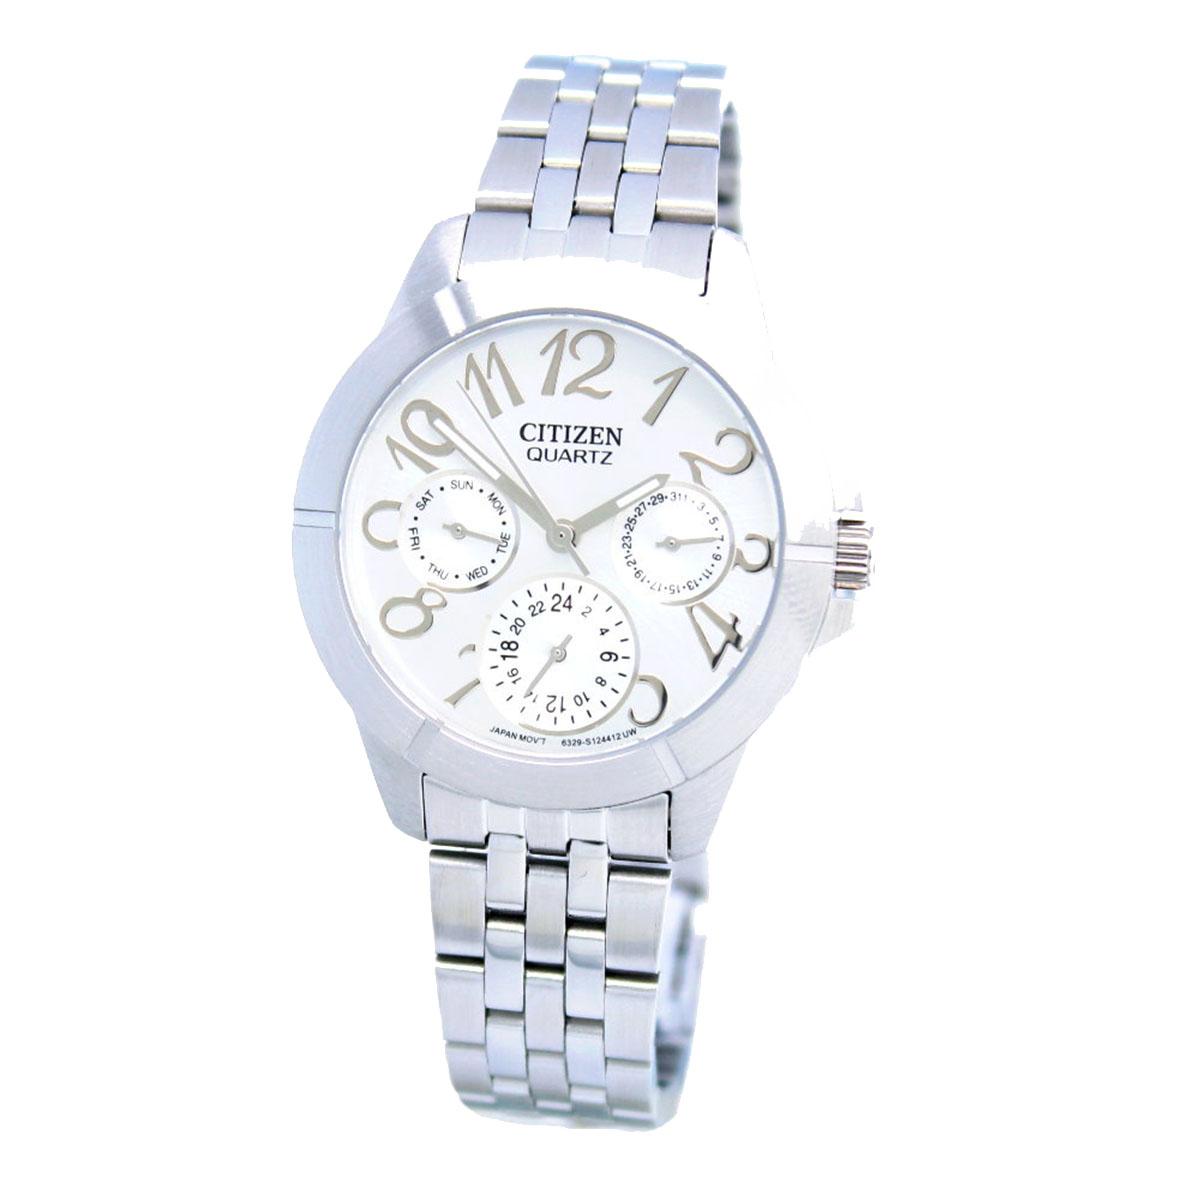 นาฬิกาผู้หญิง Citizen รุ่น ED8100-51A, Silver Day/Date Steel Dress